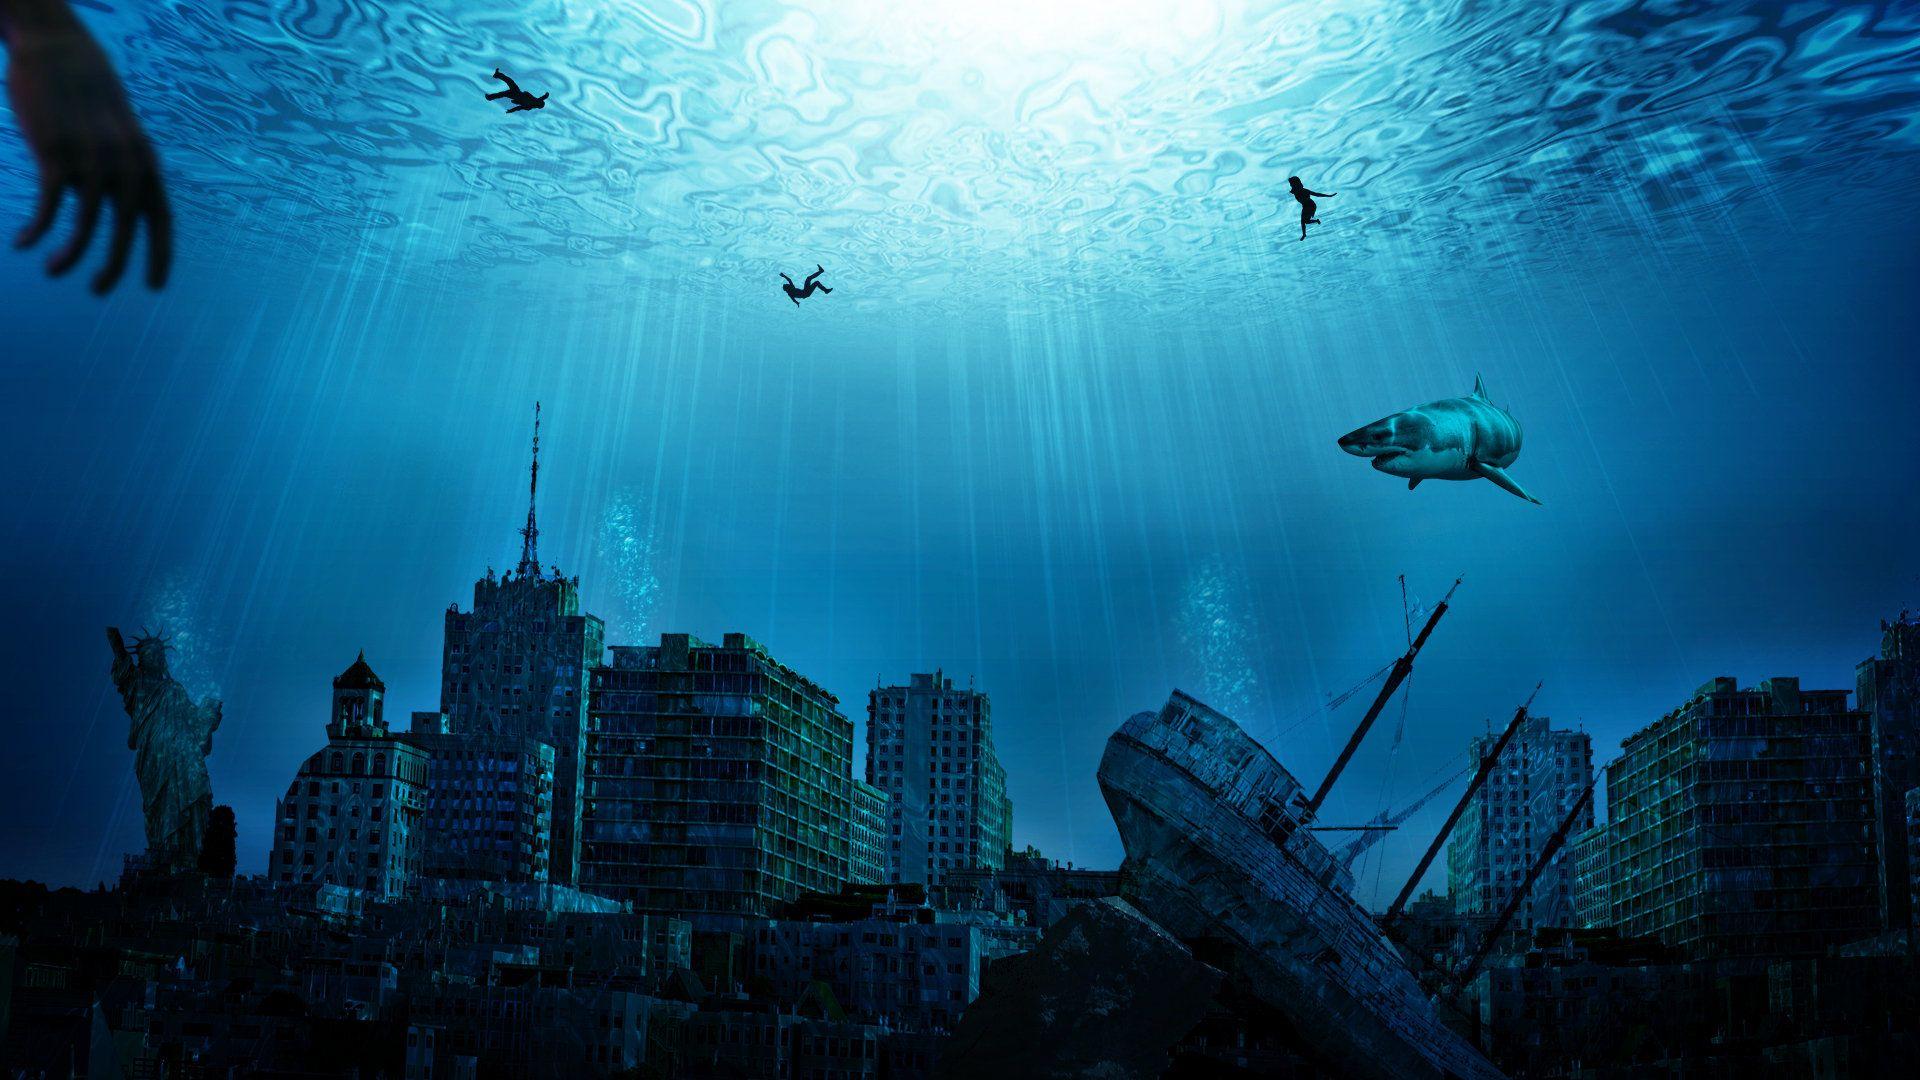 underwater city | Underwater City Wallpaper HD by ~Samuels-Graphics on deviantART | Alternate ...